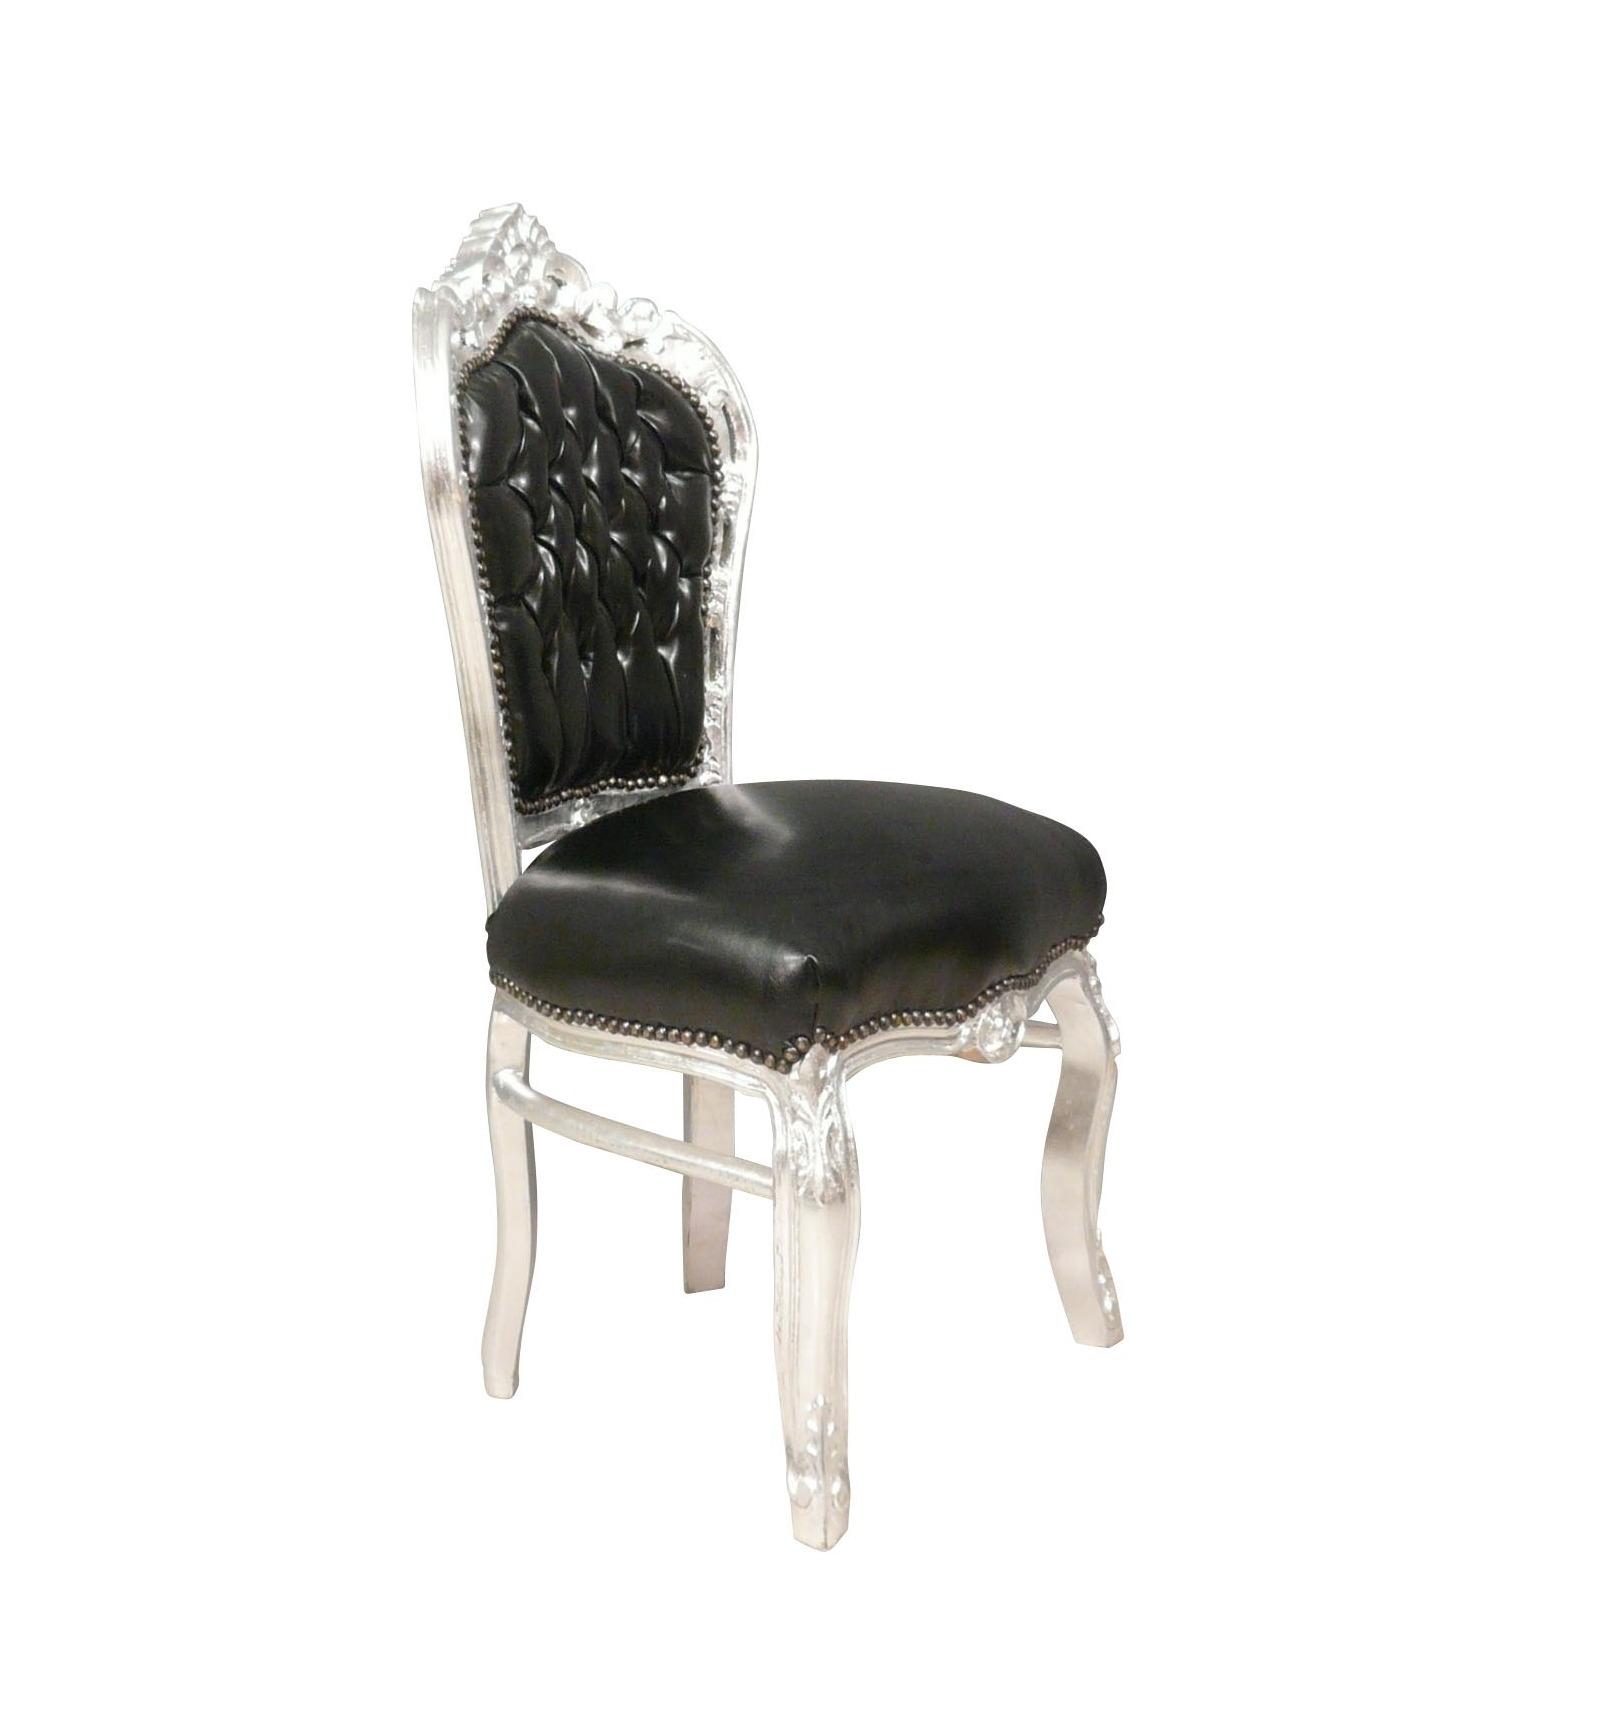 barock stuhl schwarz und silber leder. Black Bedroom Furniture Sets. Home Design Ideas